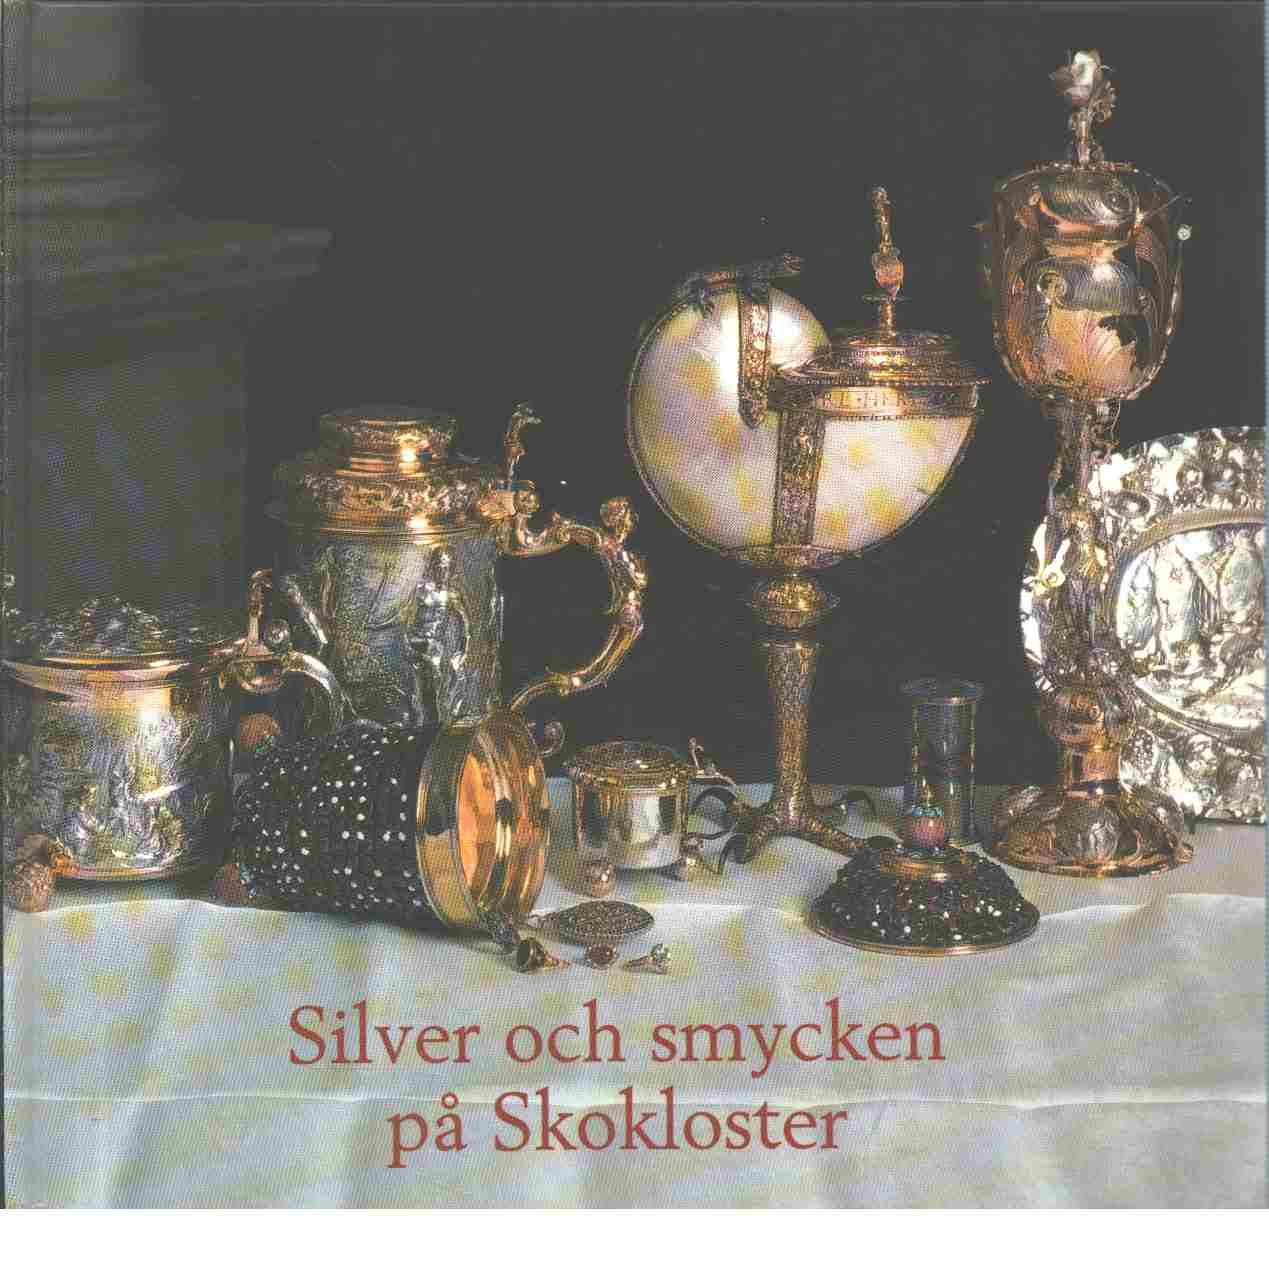 Silver och smycken på Skokloster - Red. Bengtsson, Anders